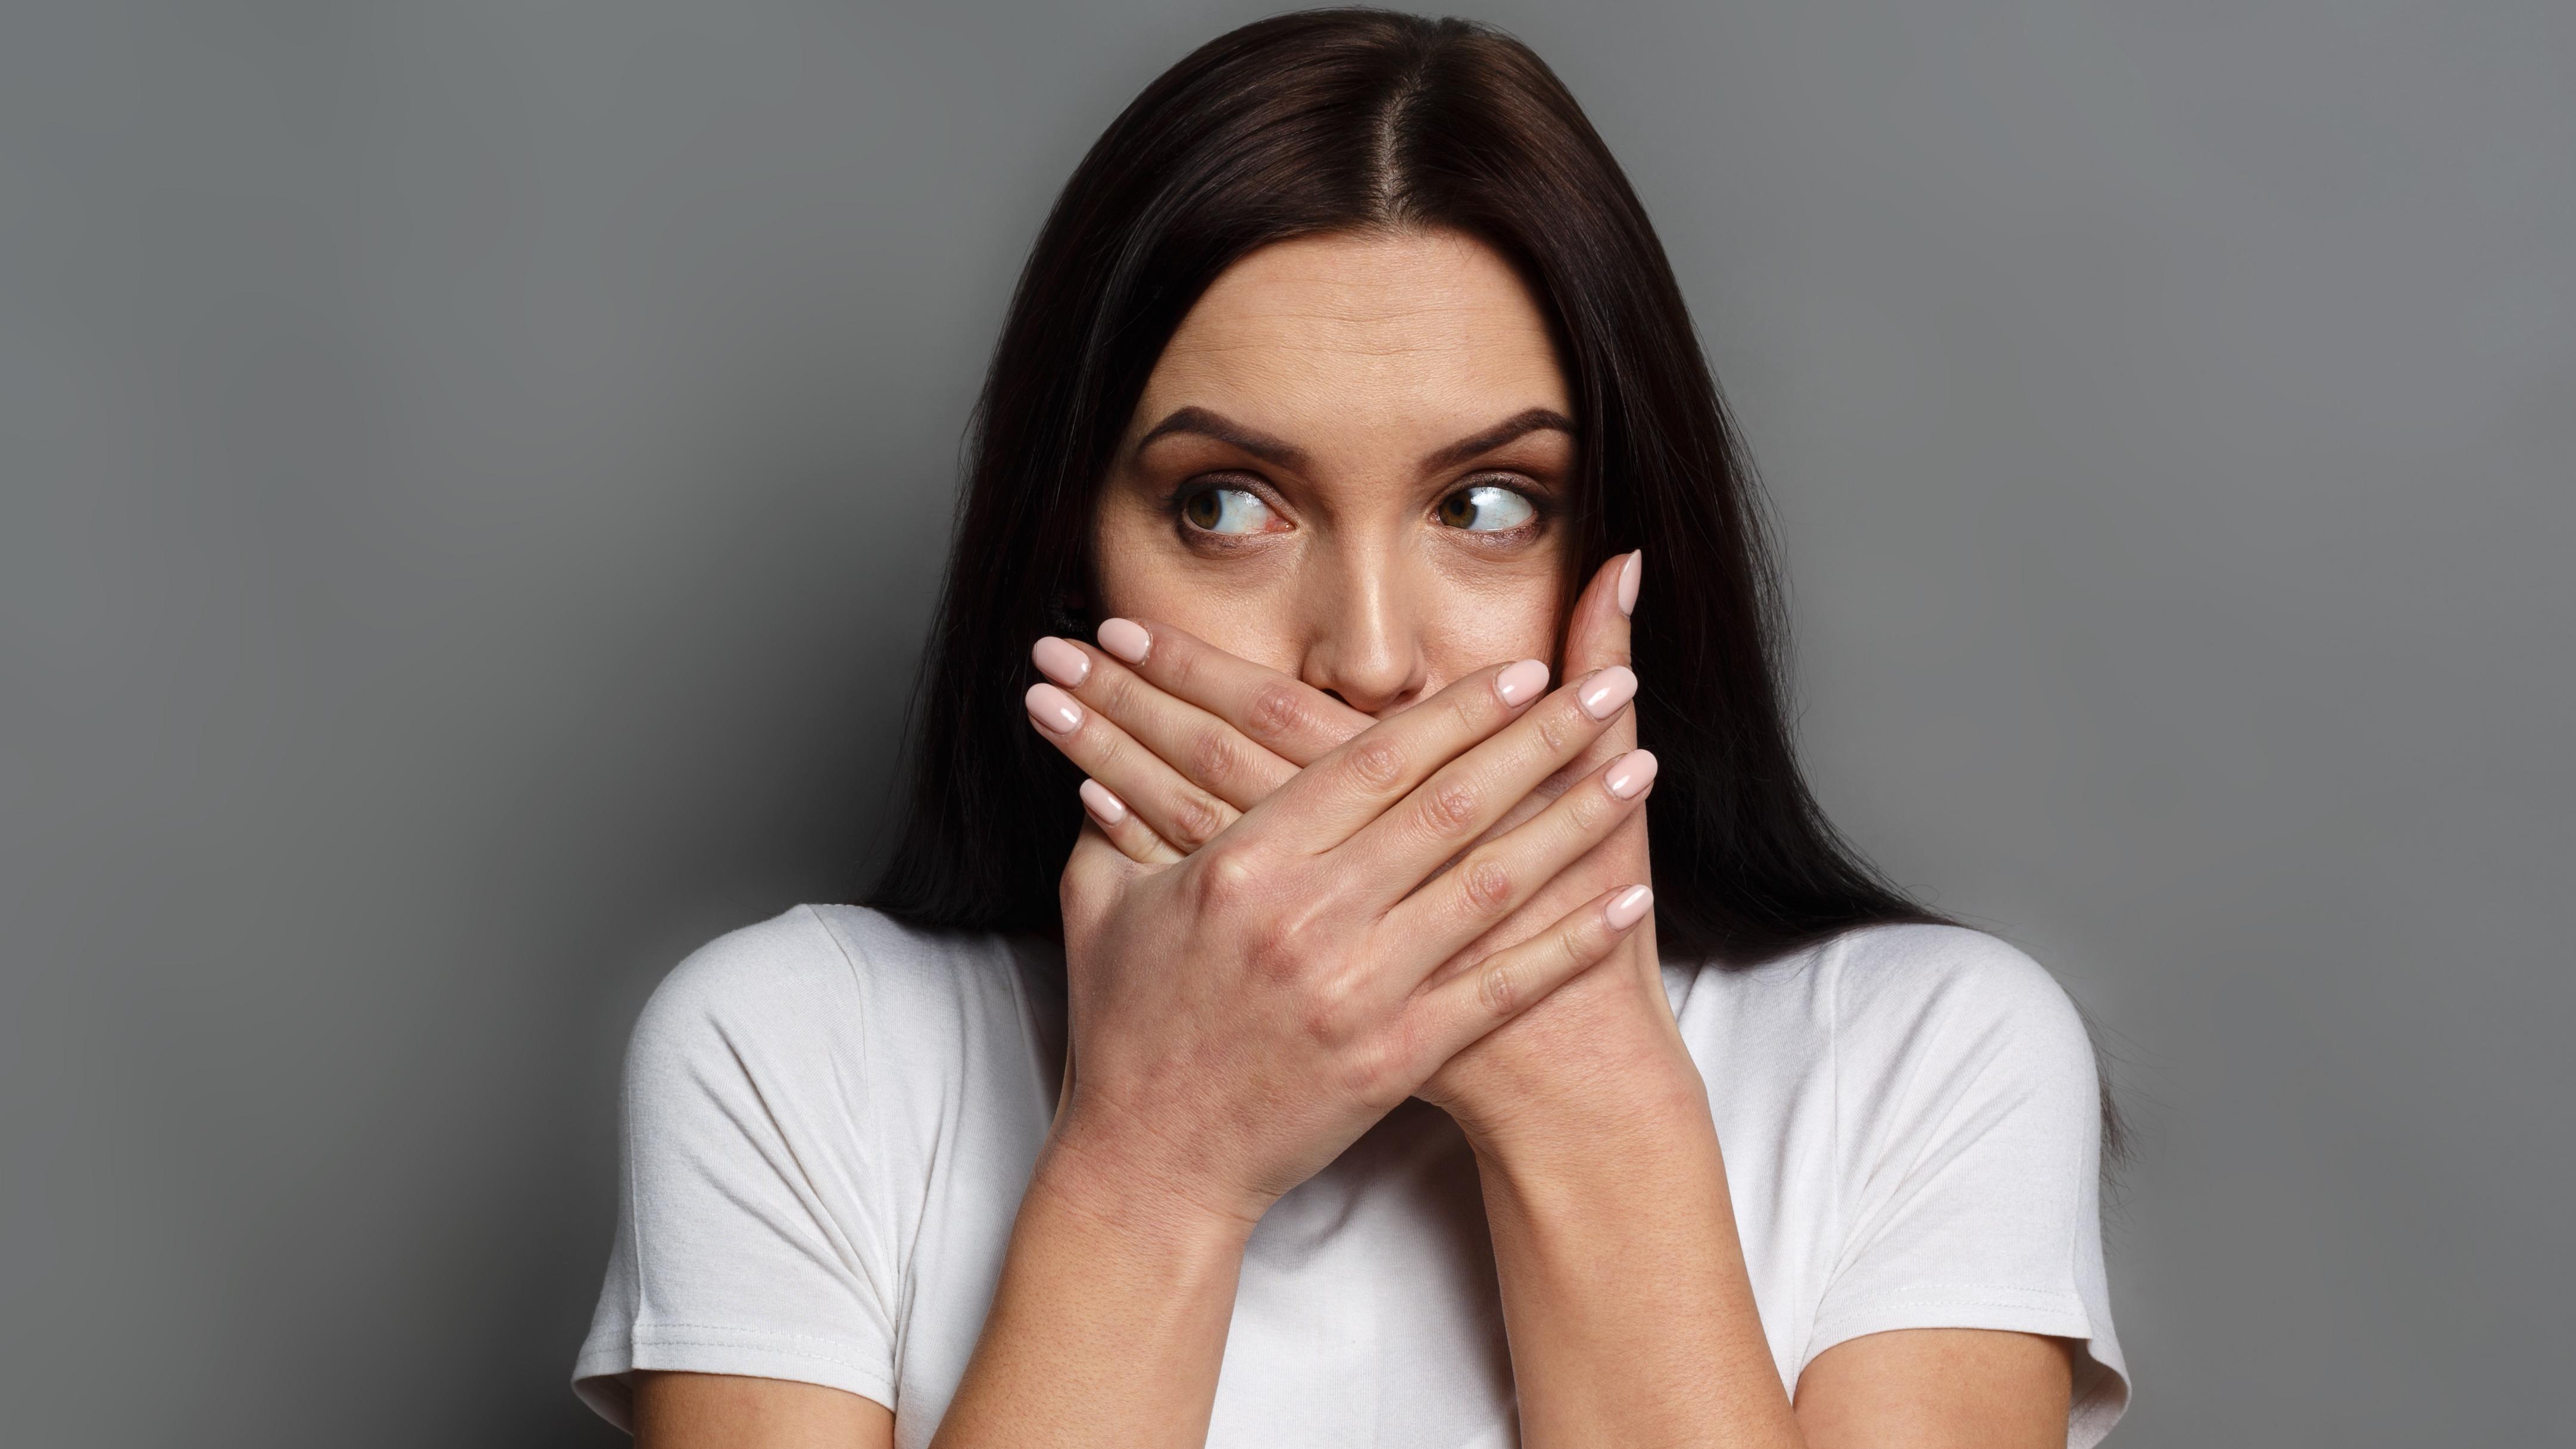 El especialista en salud pública explica que esta patología rara se presenta por un trastorno en el centro del lenguaje.